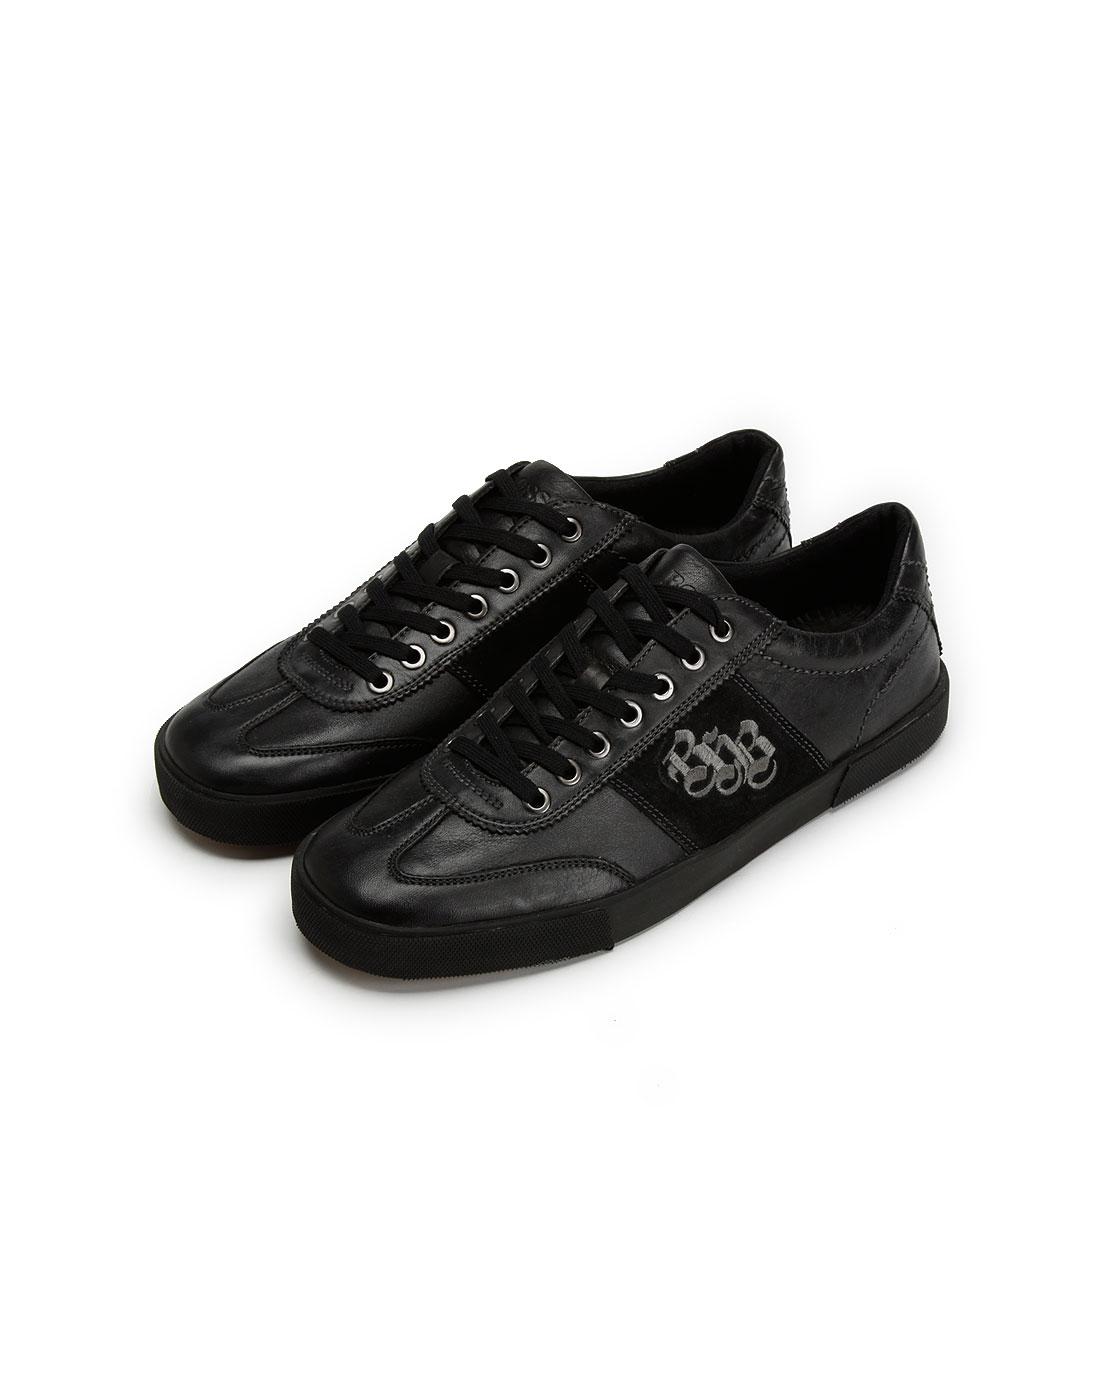 boss男款黑色休闲皮鞋17631100